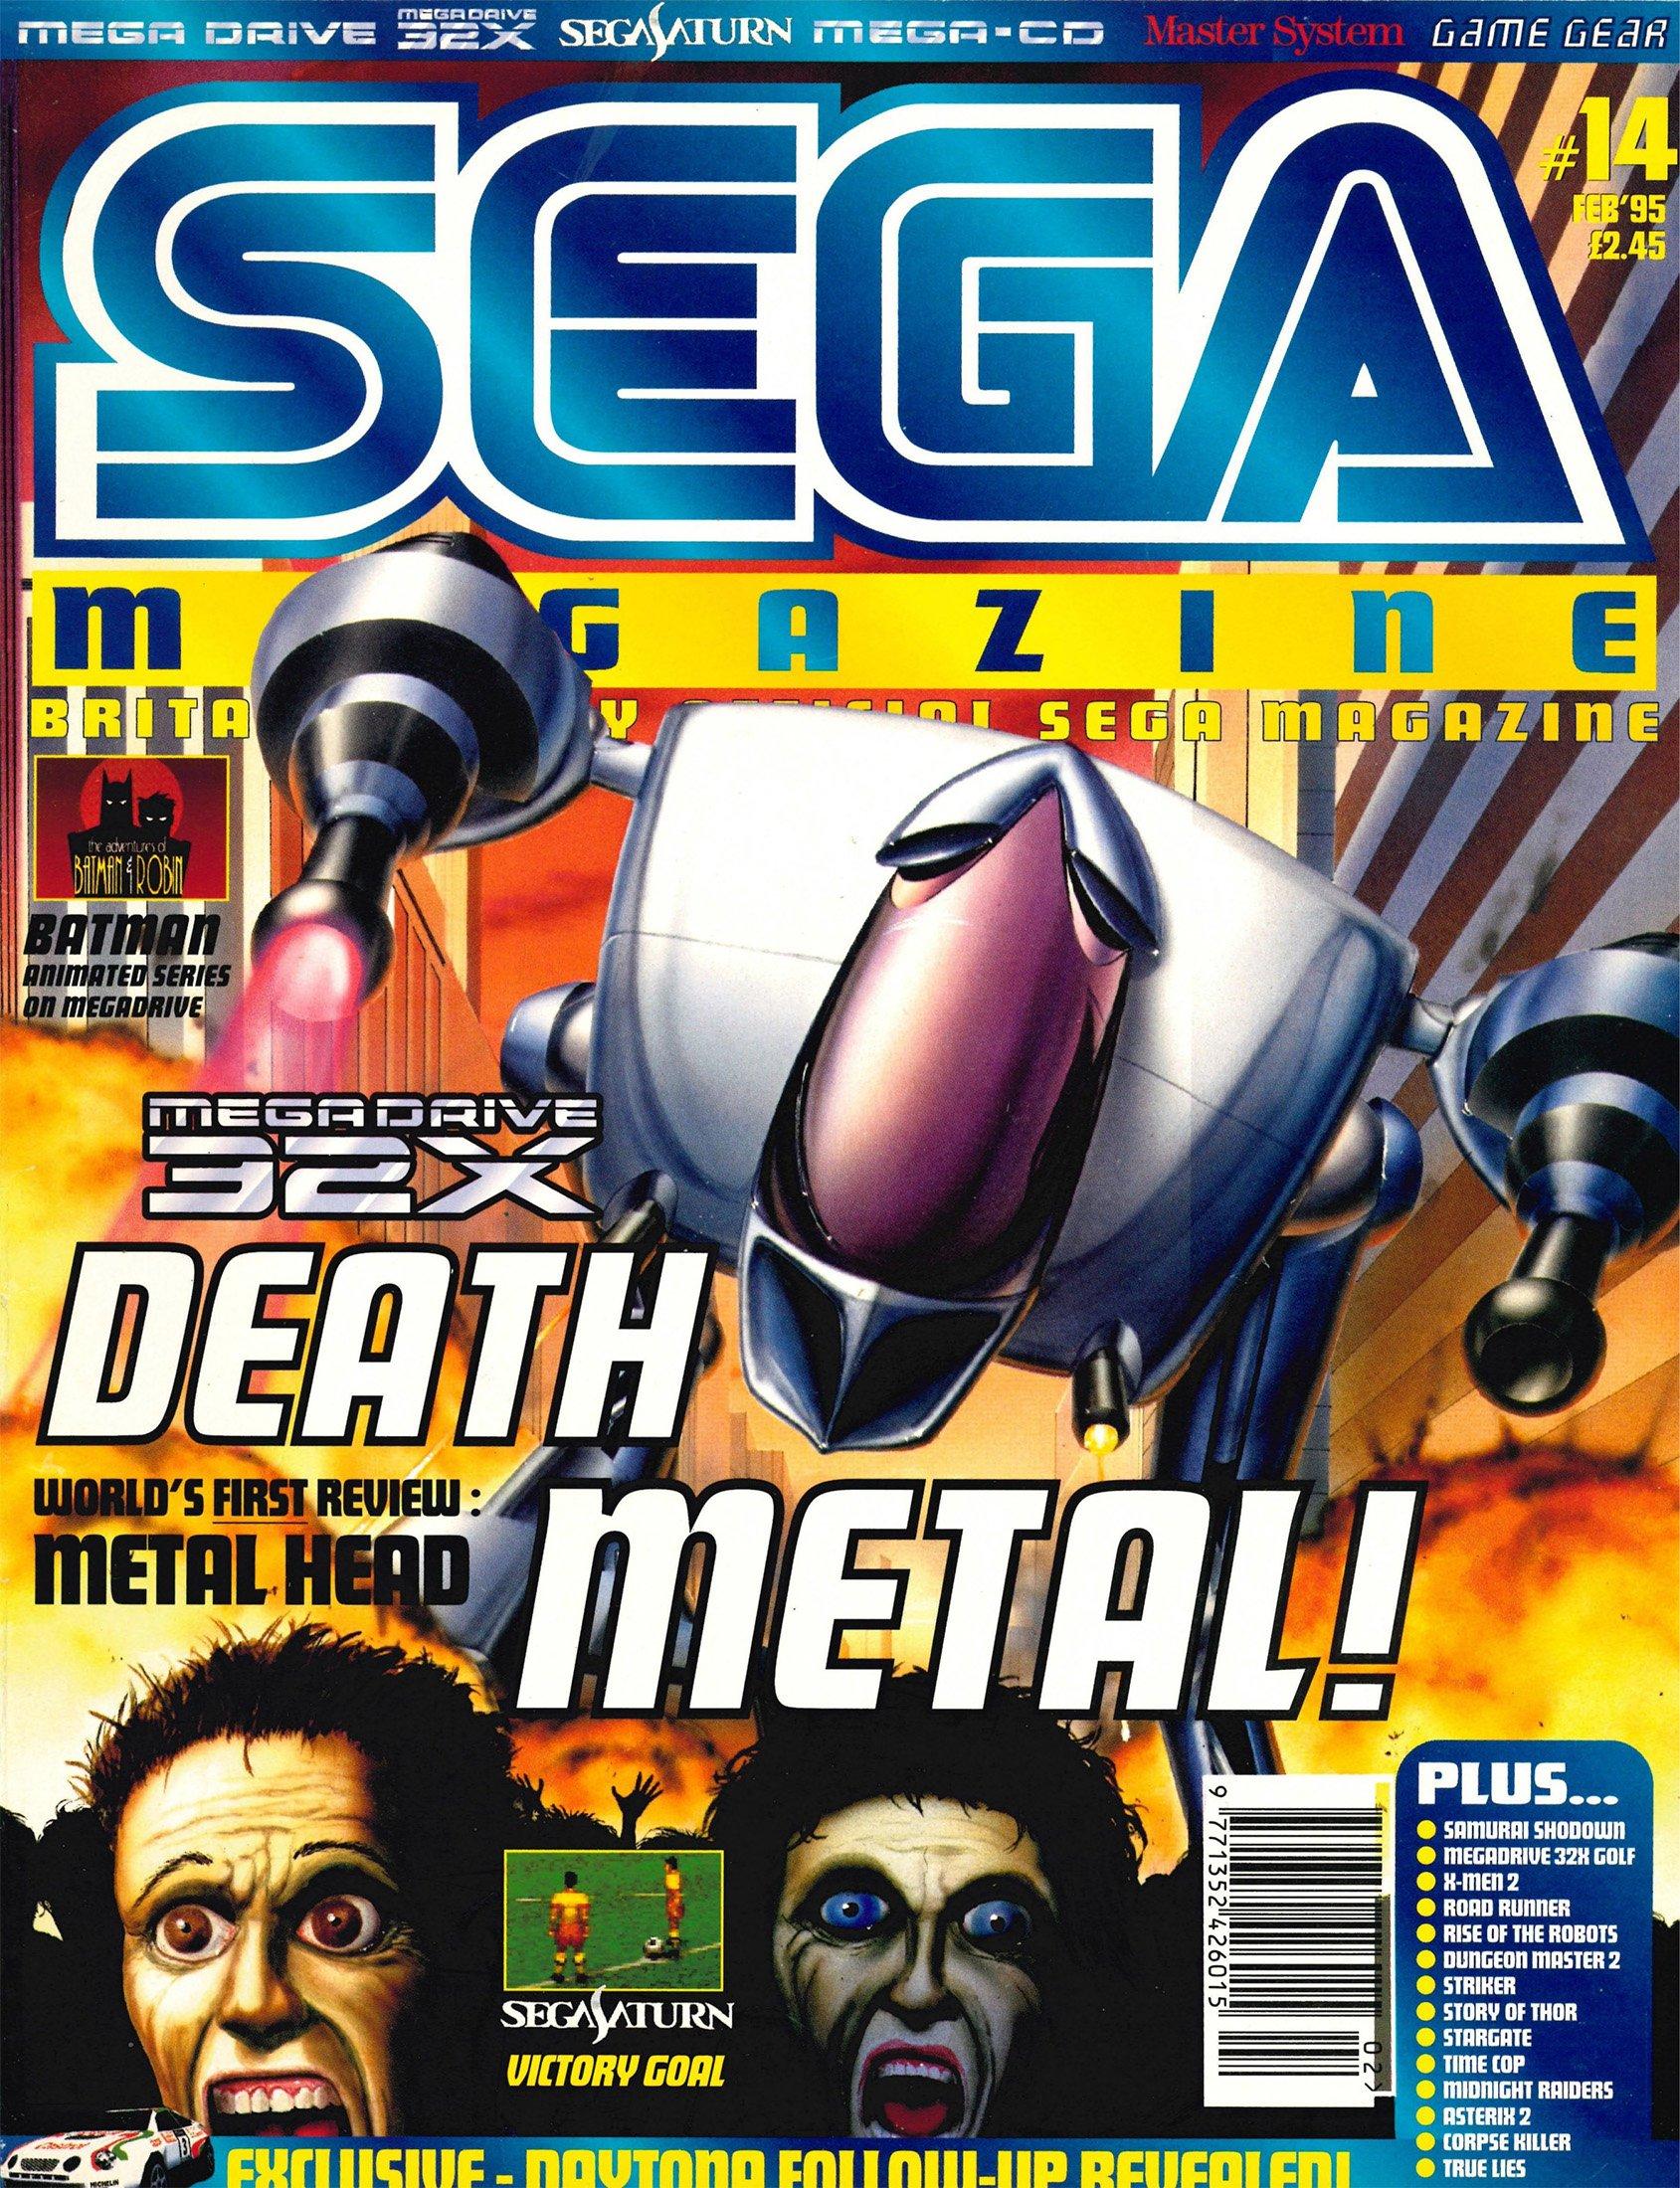 Sega Magazine 14 (February 1995)